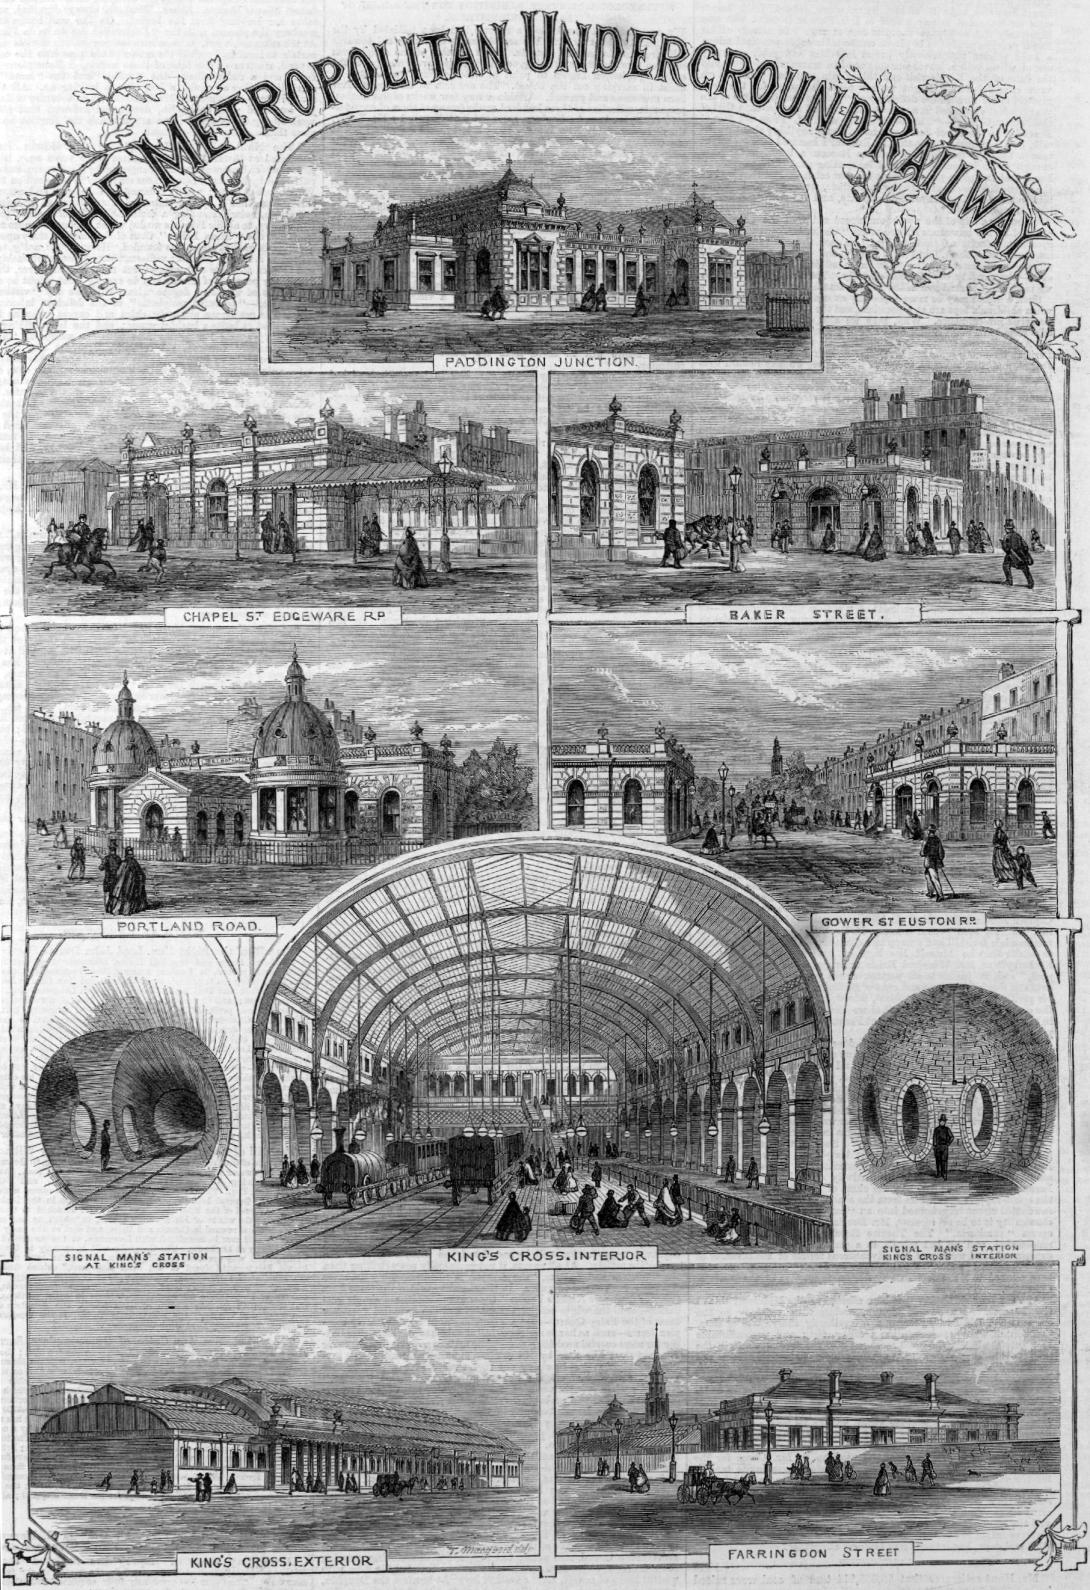 Metropolitan_Underground_Railway_stations